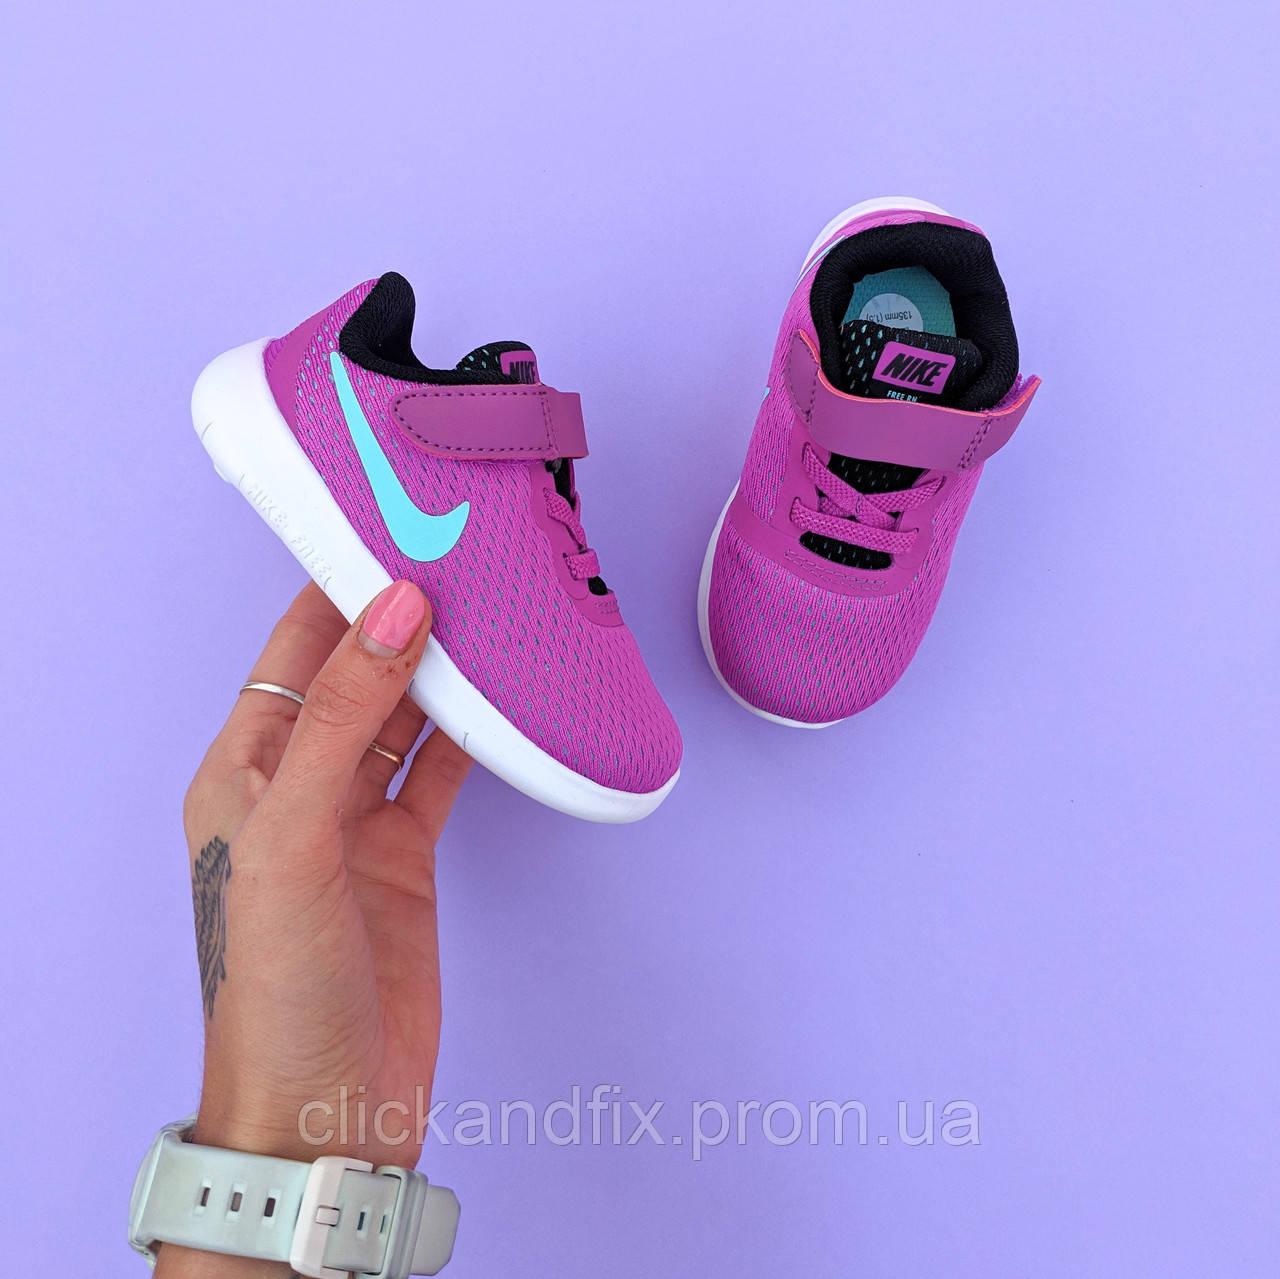 c0cf3582 Детские Кроссовки для Девочки Nike Run Размеры 27,28 25-15см — в ...